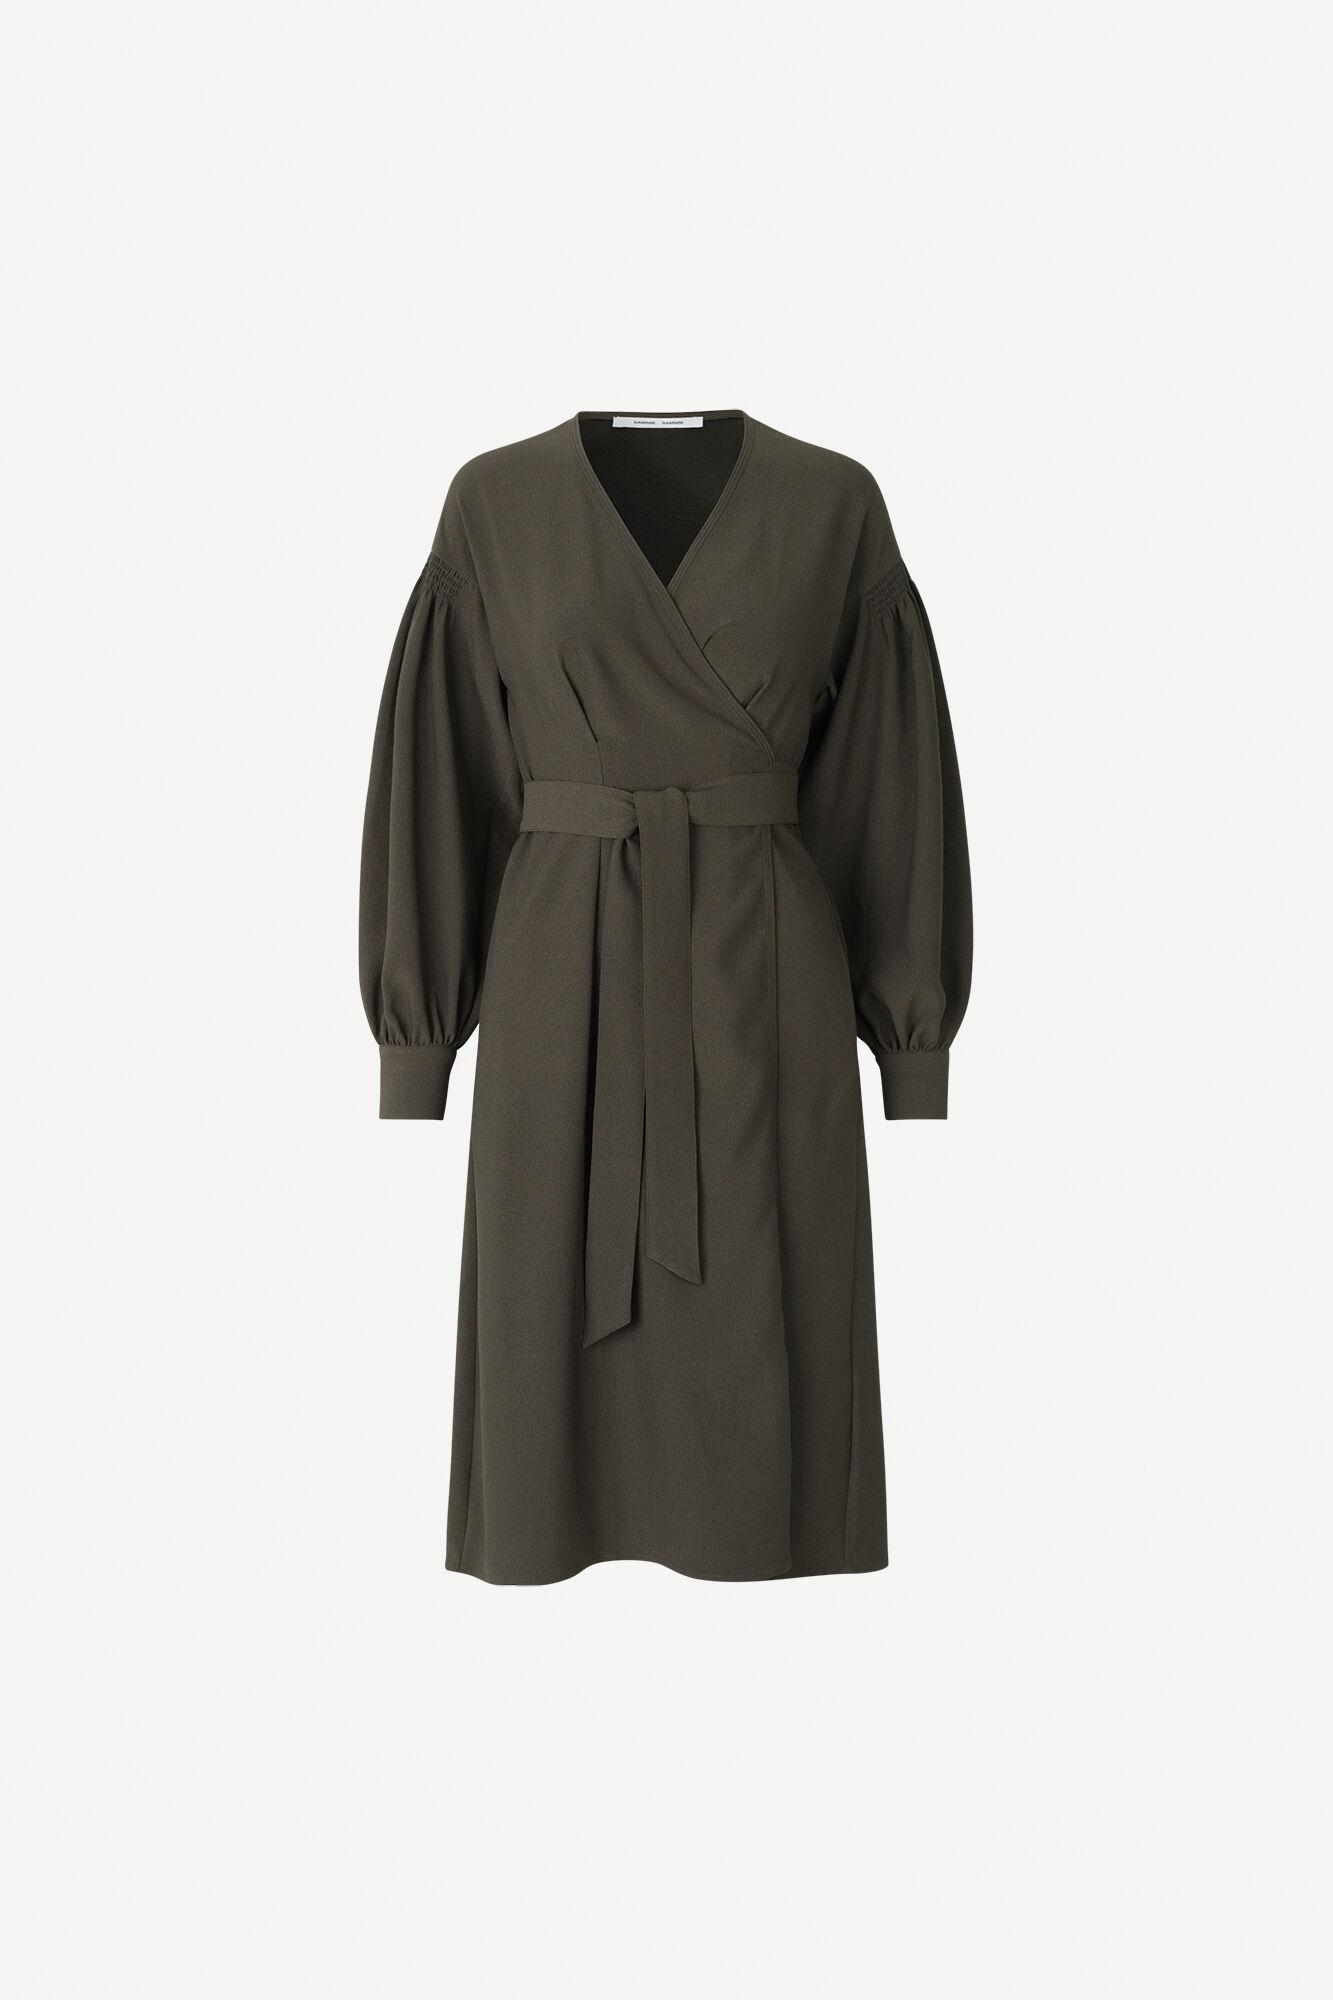 Merrill dress 12909